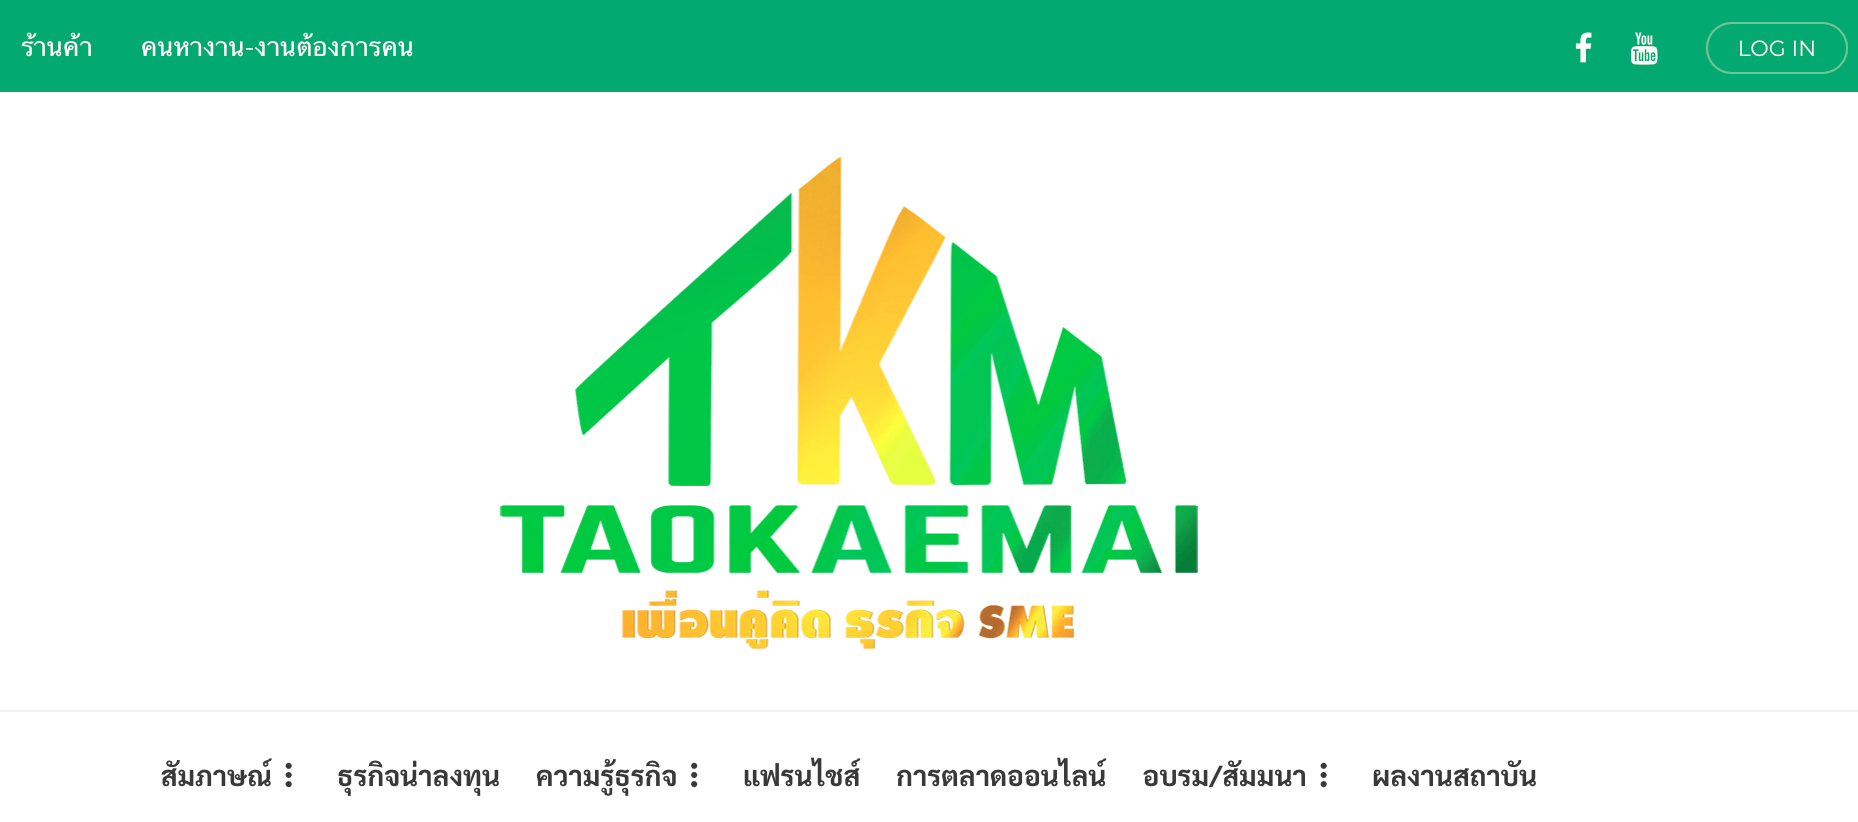 Page365-แหล่งเรียนขายของออนไลน์-Taokaemai.png